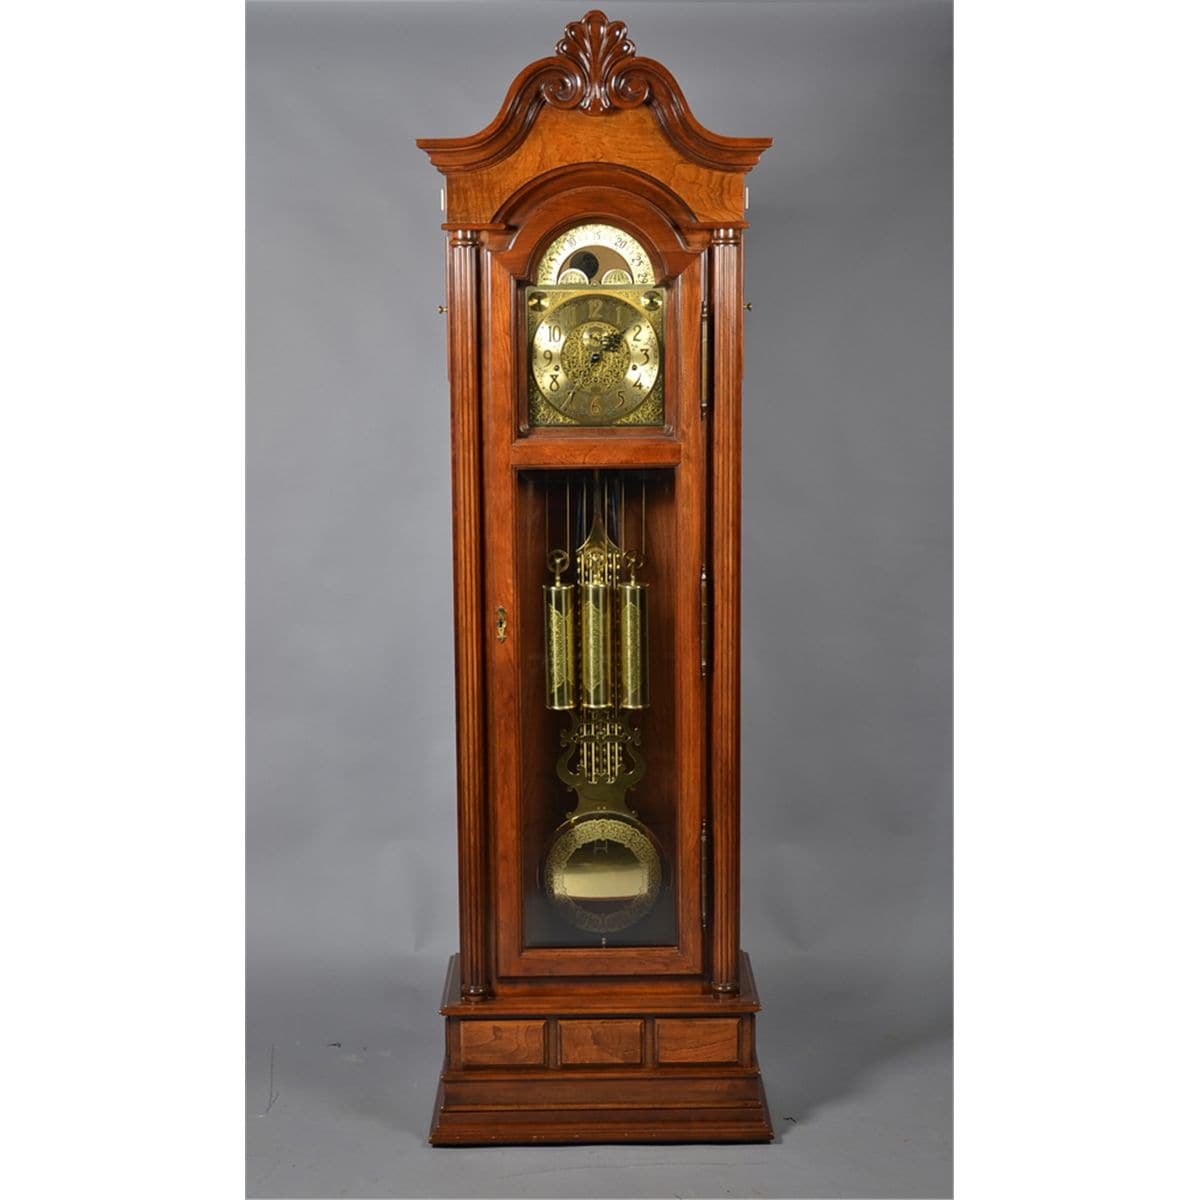 Tic Tock Clock Repair